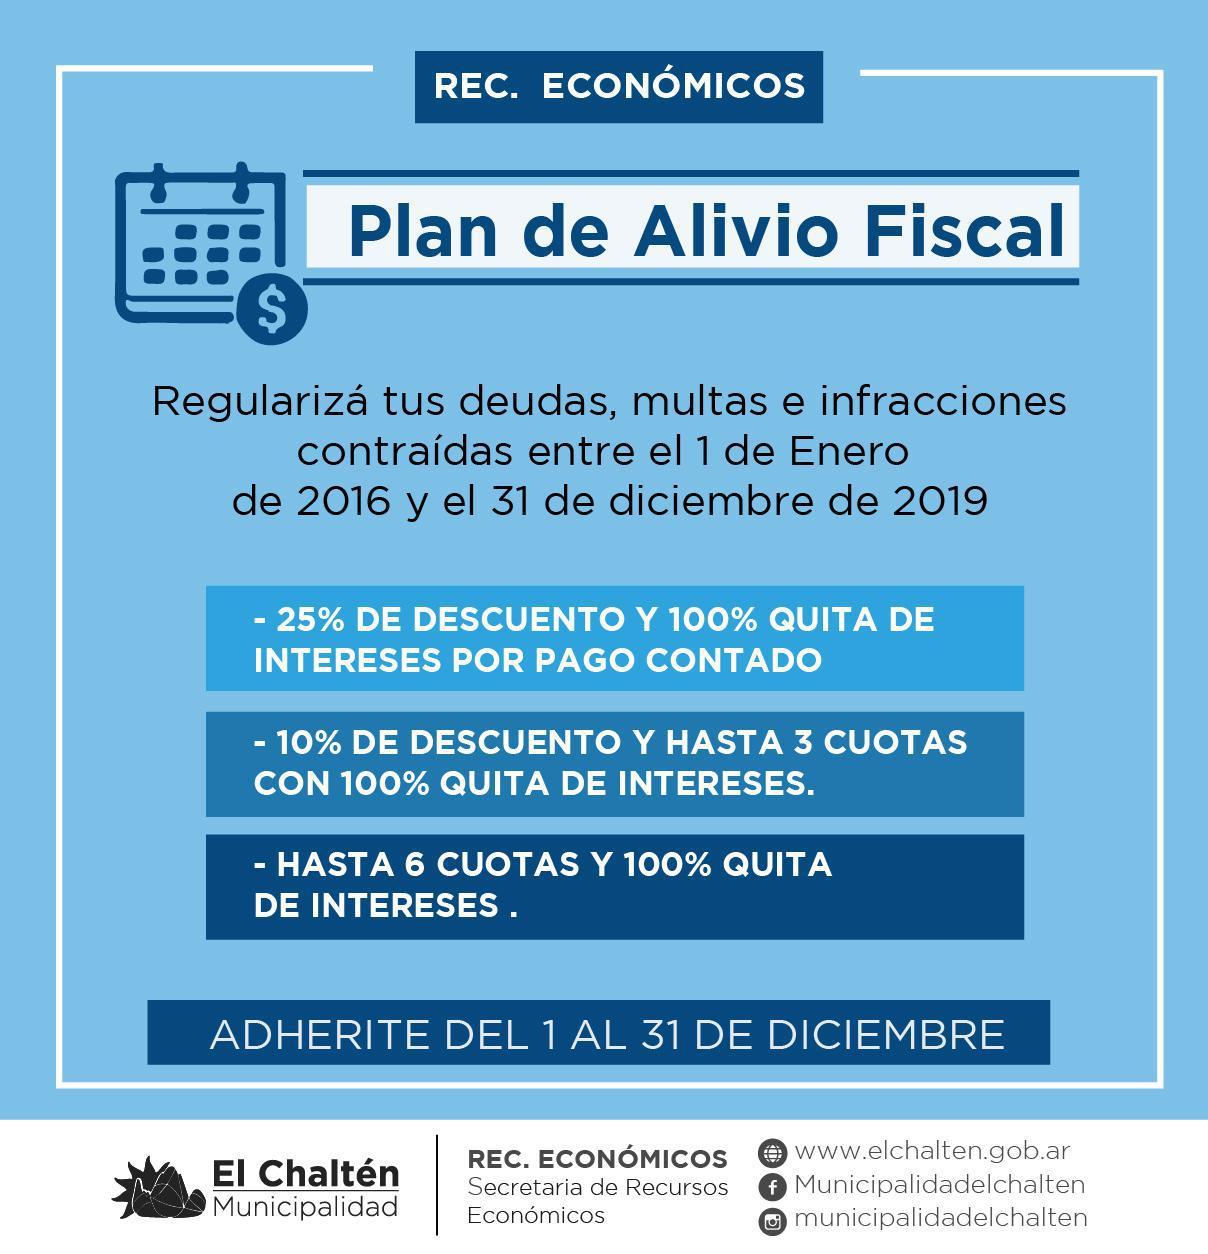 planalivio fiscal-02